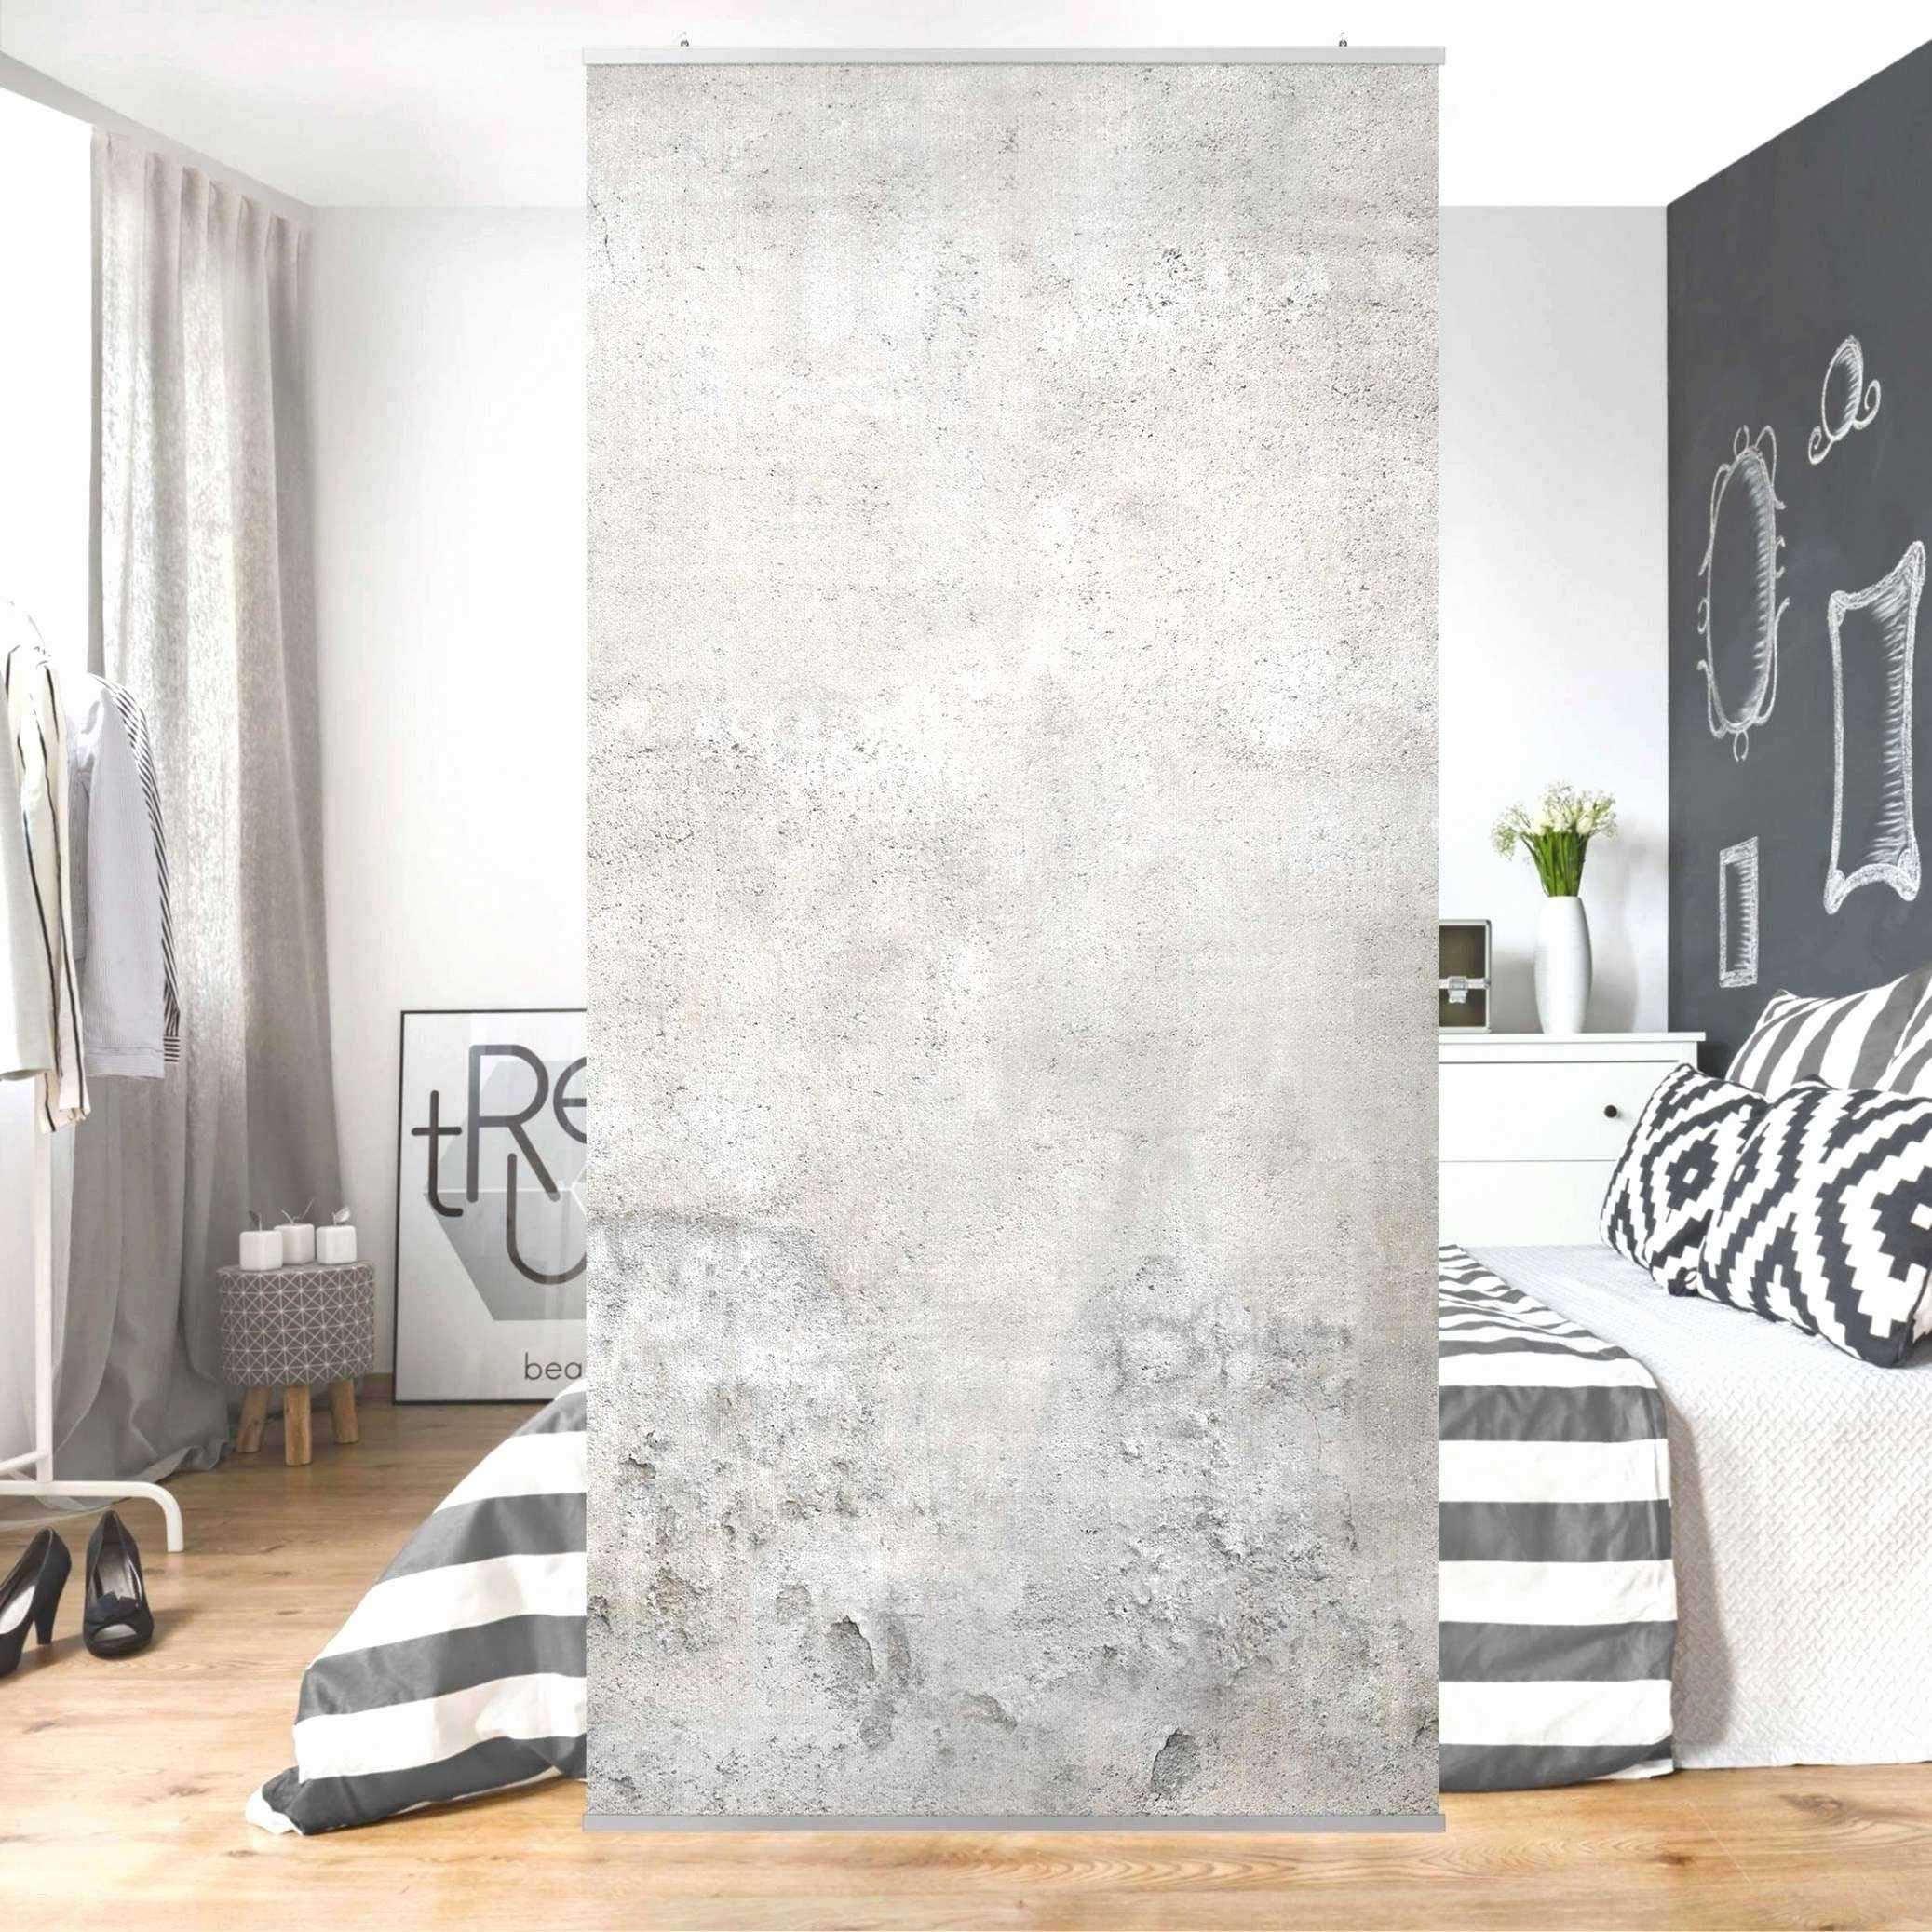 Full Size of Liegestuhl Ikea Kleines Wohnzimmer Optimal Einrichten Genial Modulküche Sofa Mit Schlaffunktion Betten Bei Miniküche 160x200 Küche Kosten Kaufen Garten Wohnzimmer Liegestuhl Ikea